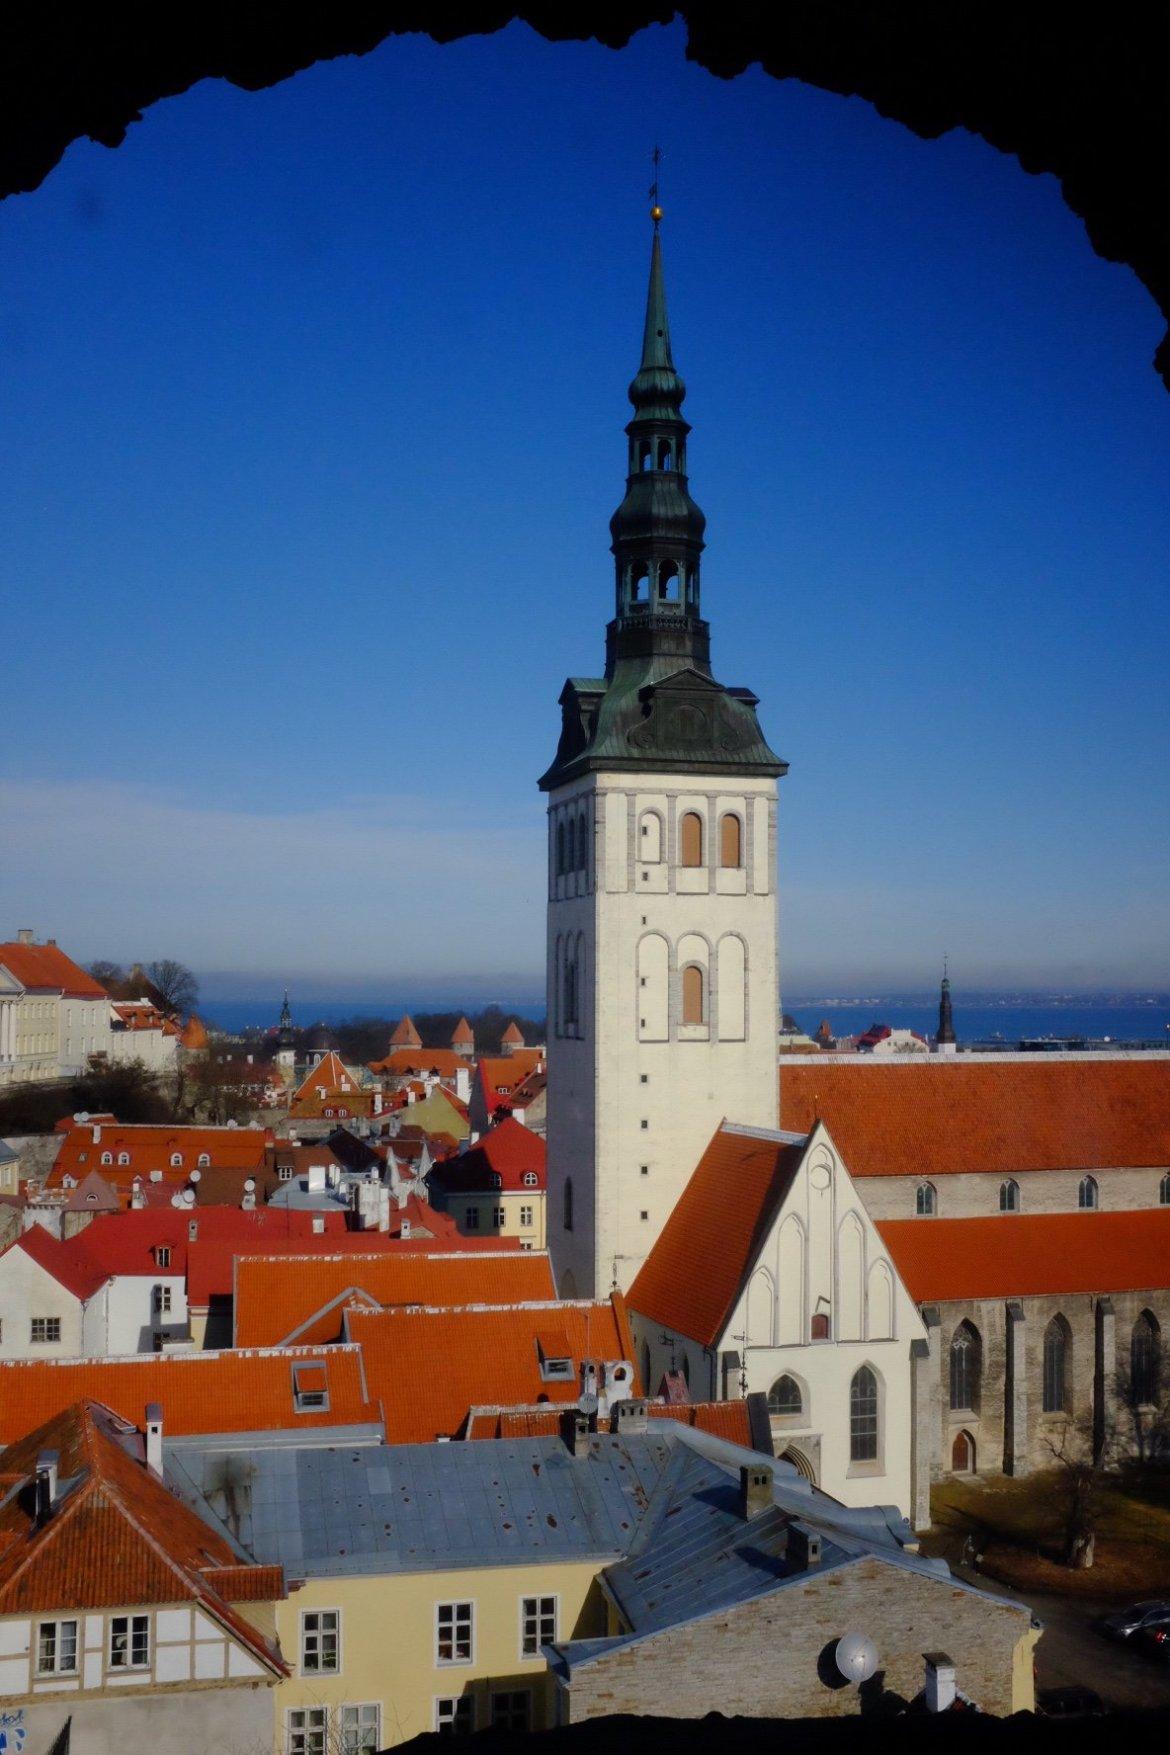 Weekend in Tallinn St.Nicholas Church in Tallinn